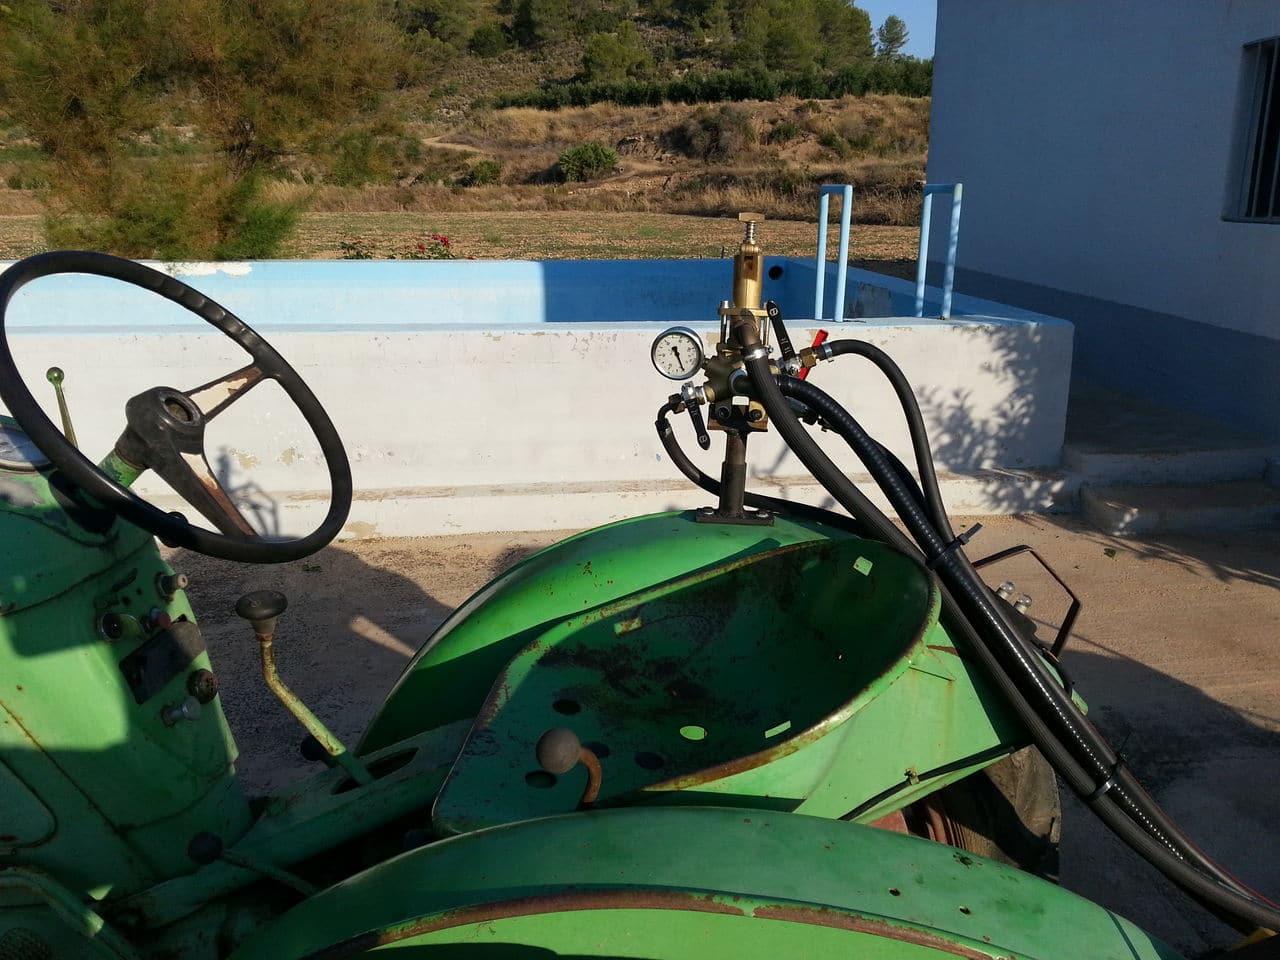 Restauración de una cuba de 600 litros para pasar la Inspección de Equipos de Aplicación de Fitosanitarios Cuadro_Mandos